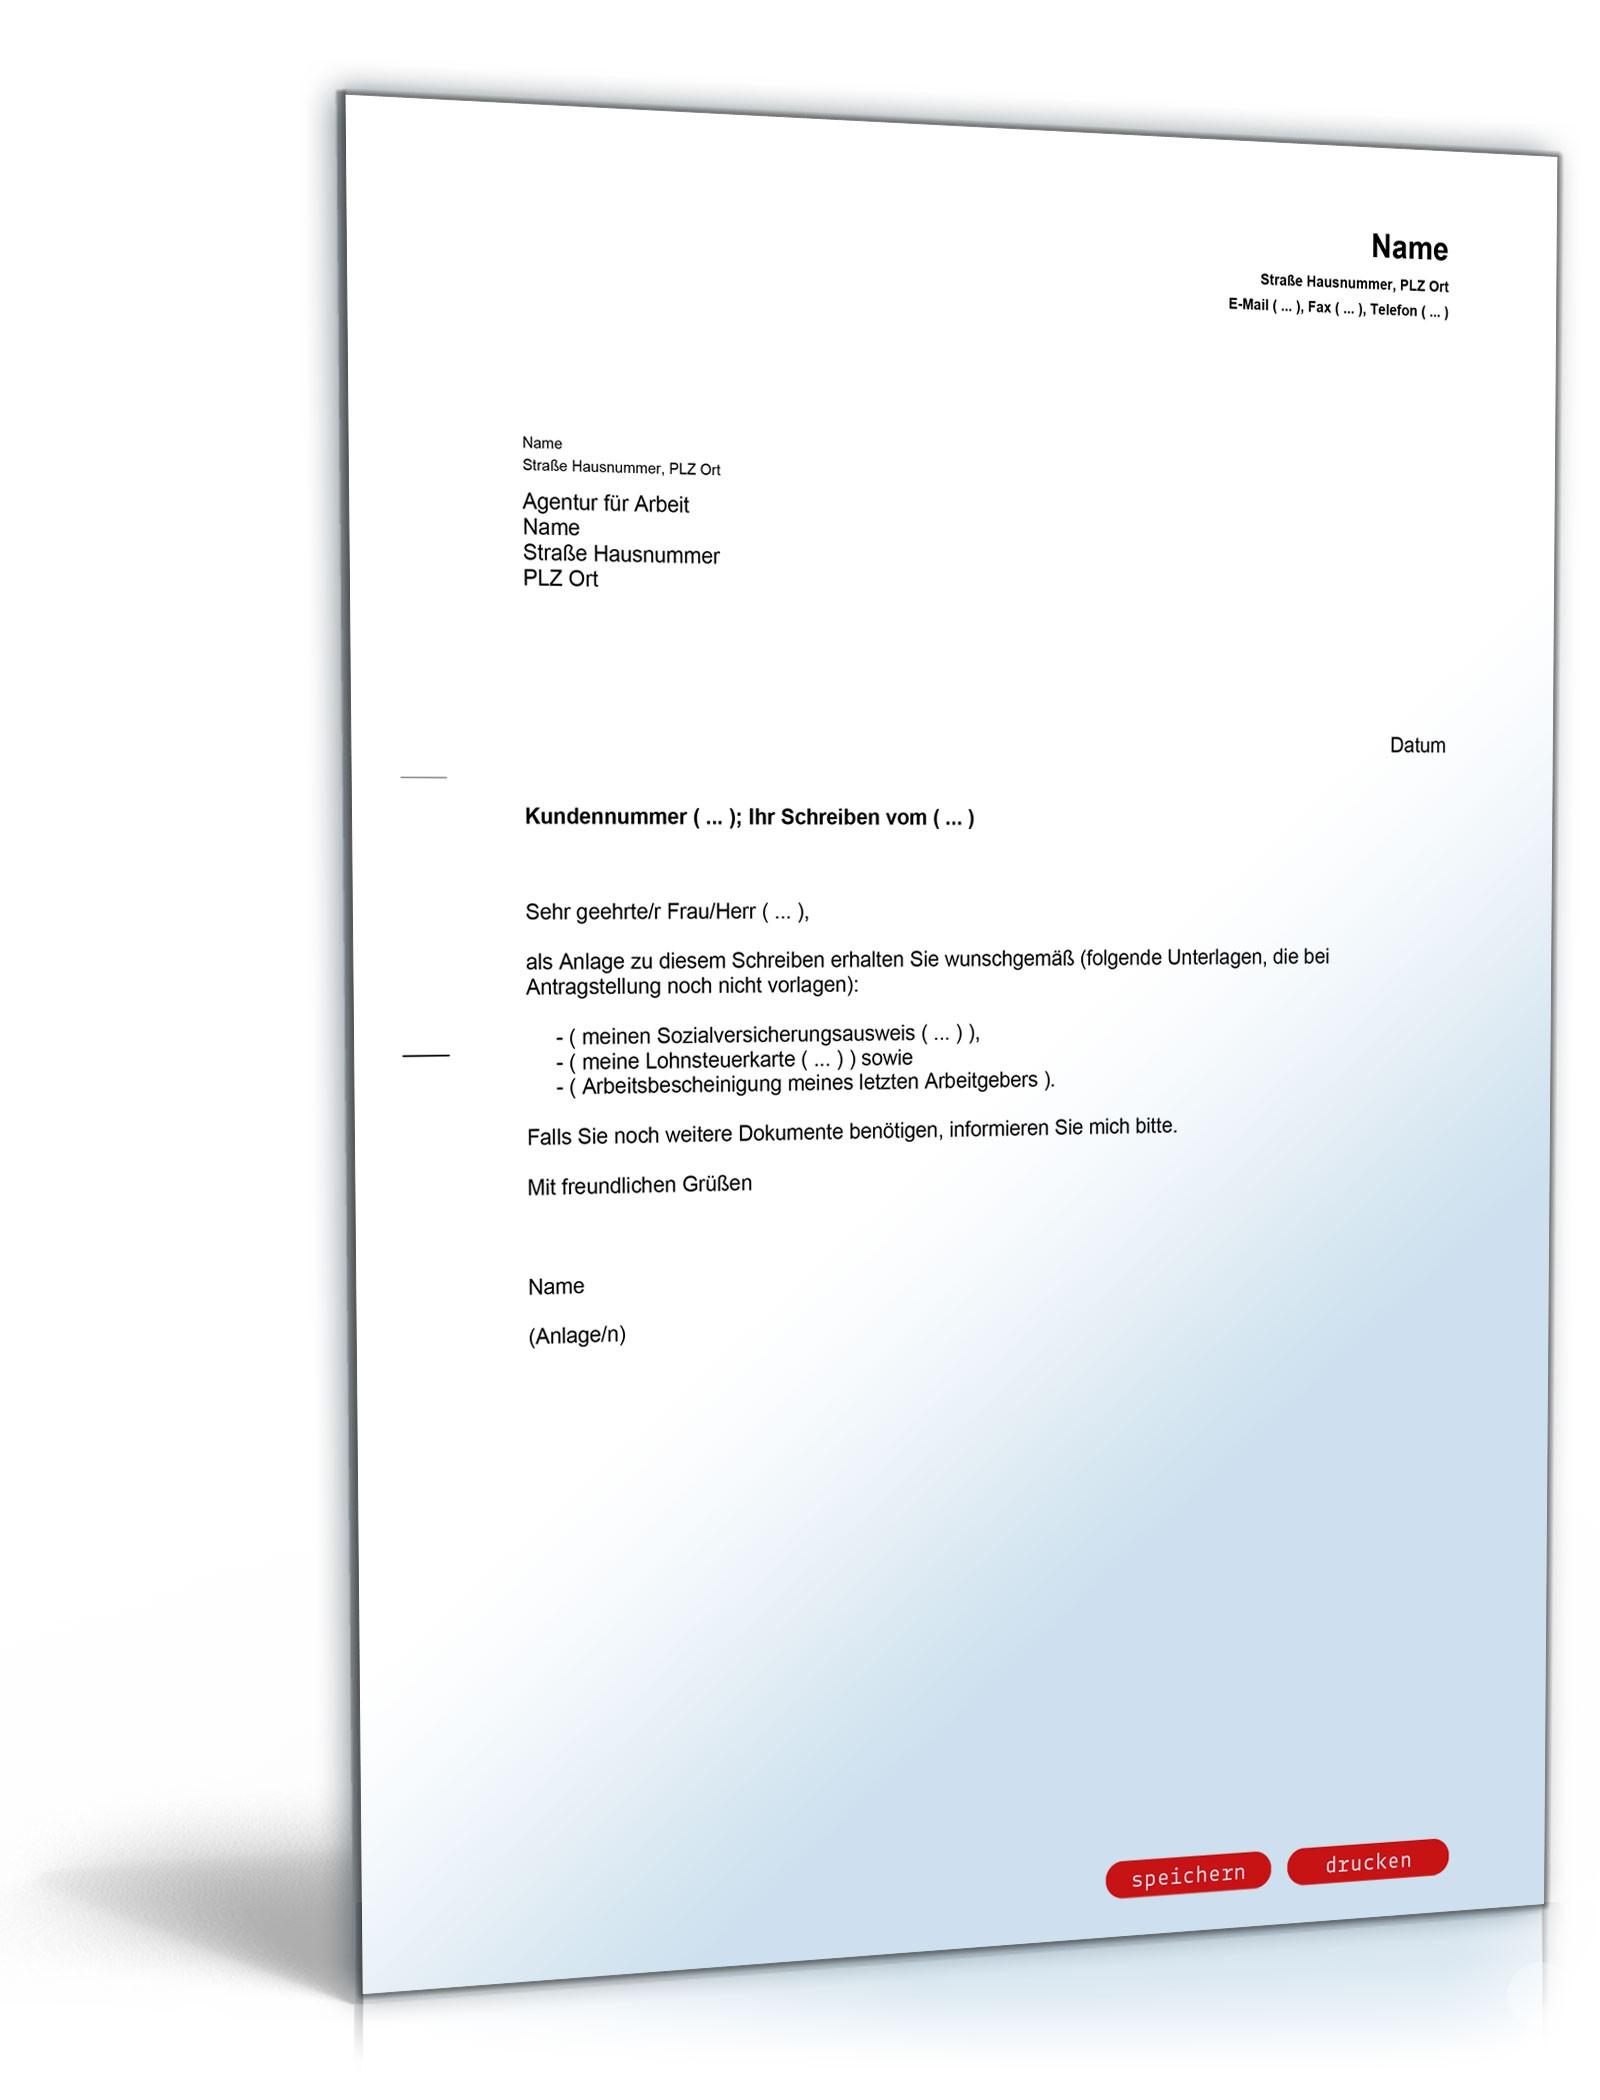 Begleitschreiben bei Zusendung von Unterlagen | Muster zum Download